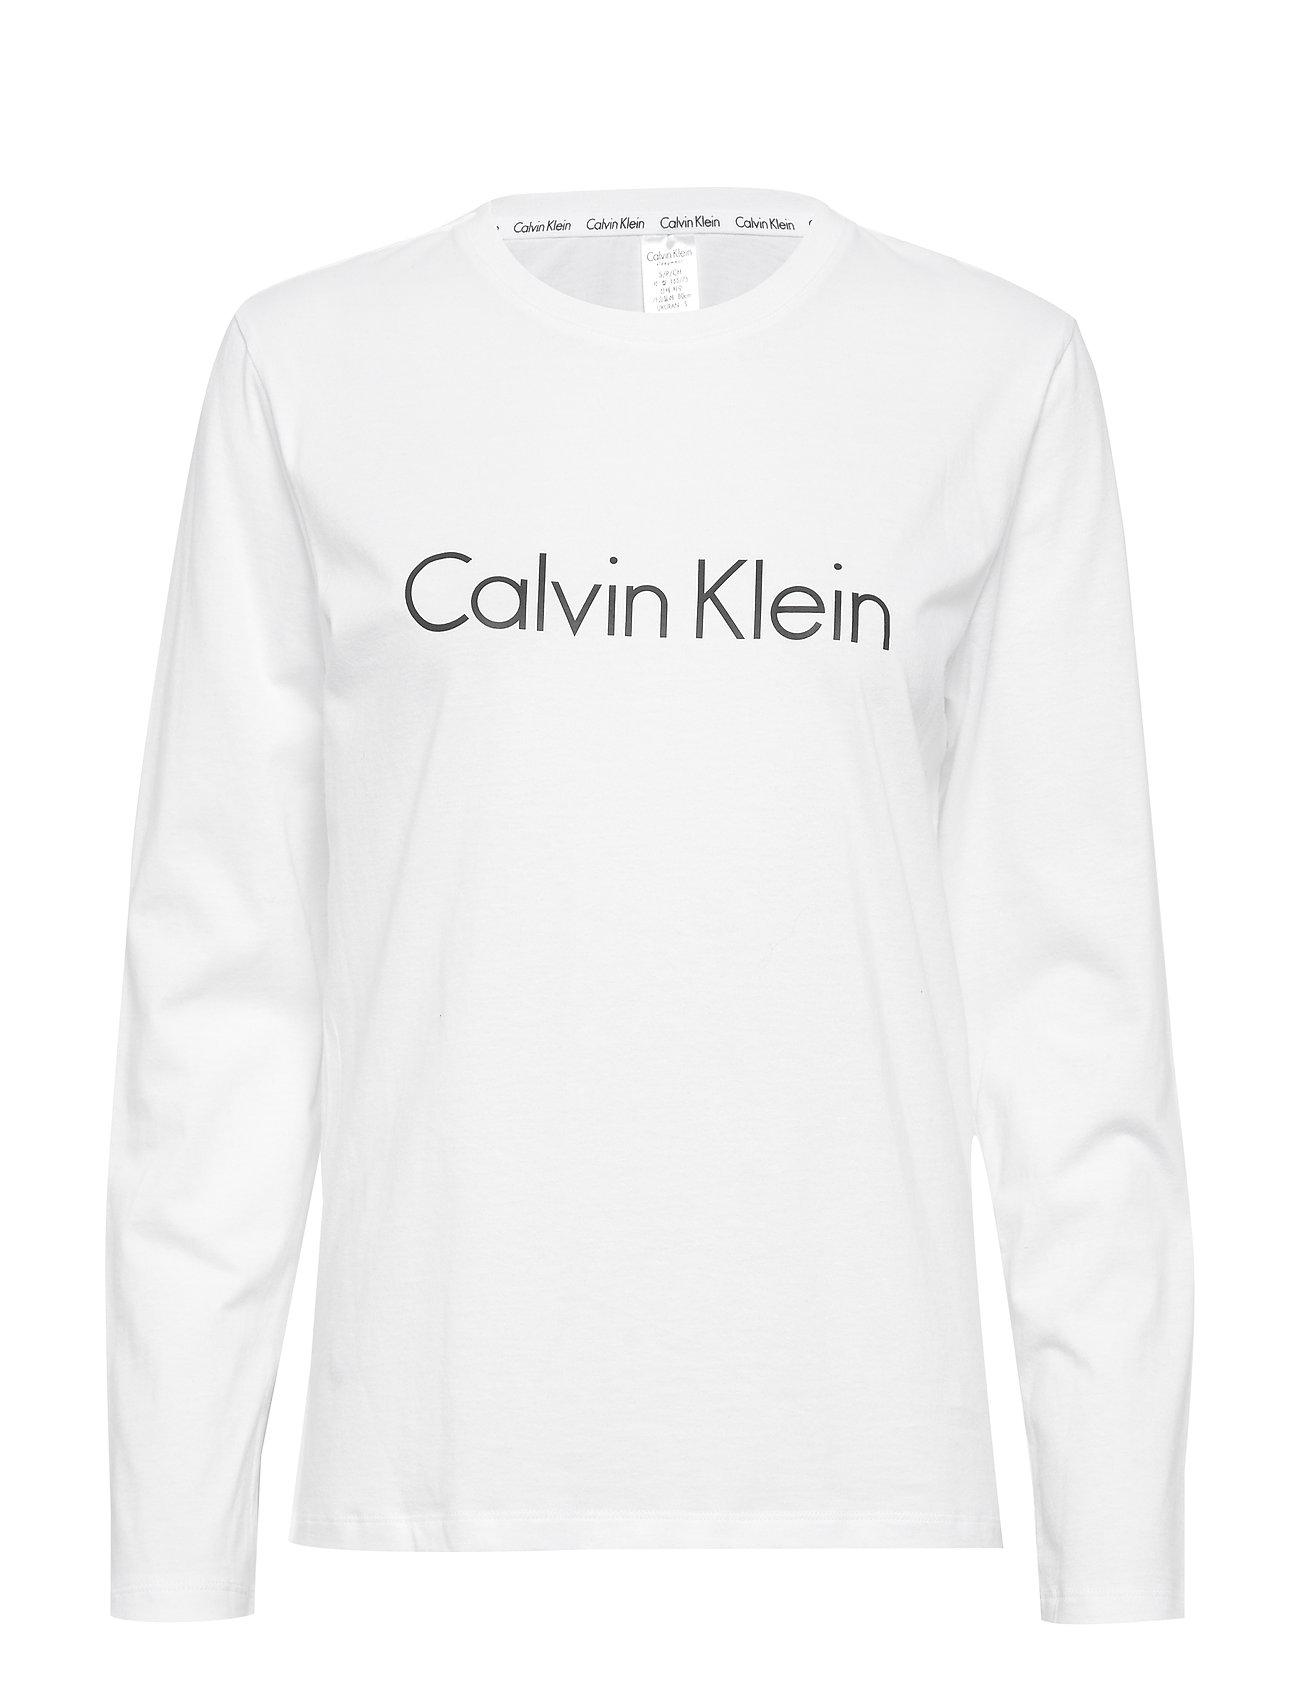 Calvin Klein L/S CREW NECK - WHITE